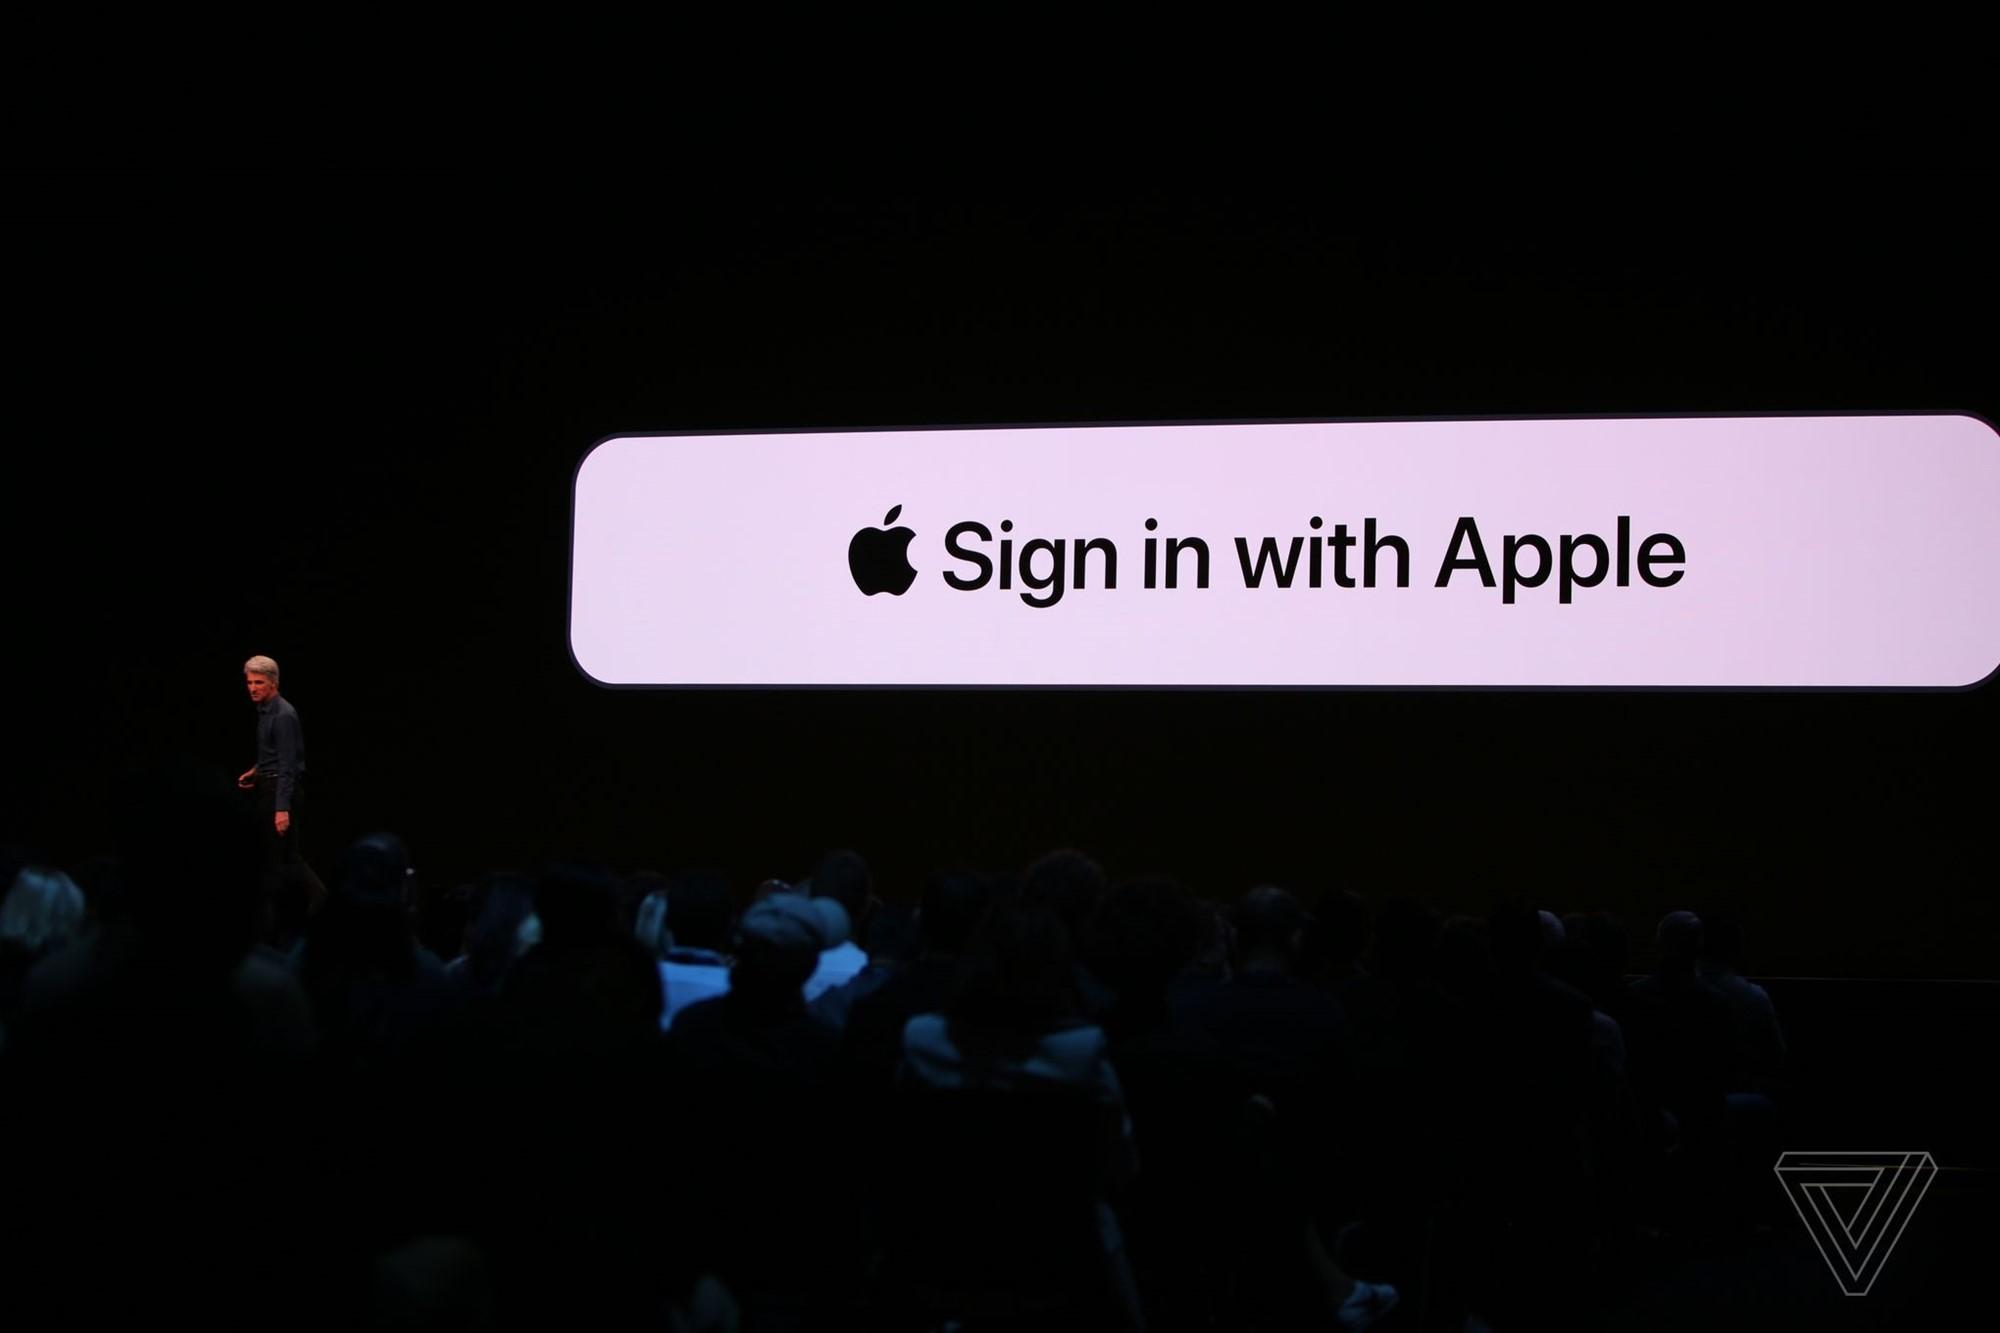 Apple buộc các nhà phát triển iOS phải tích hợp tuỳ chọn đăng nhập bằng Apple ID vào ứng dụng